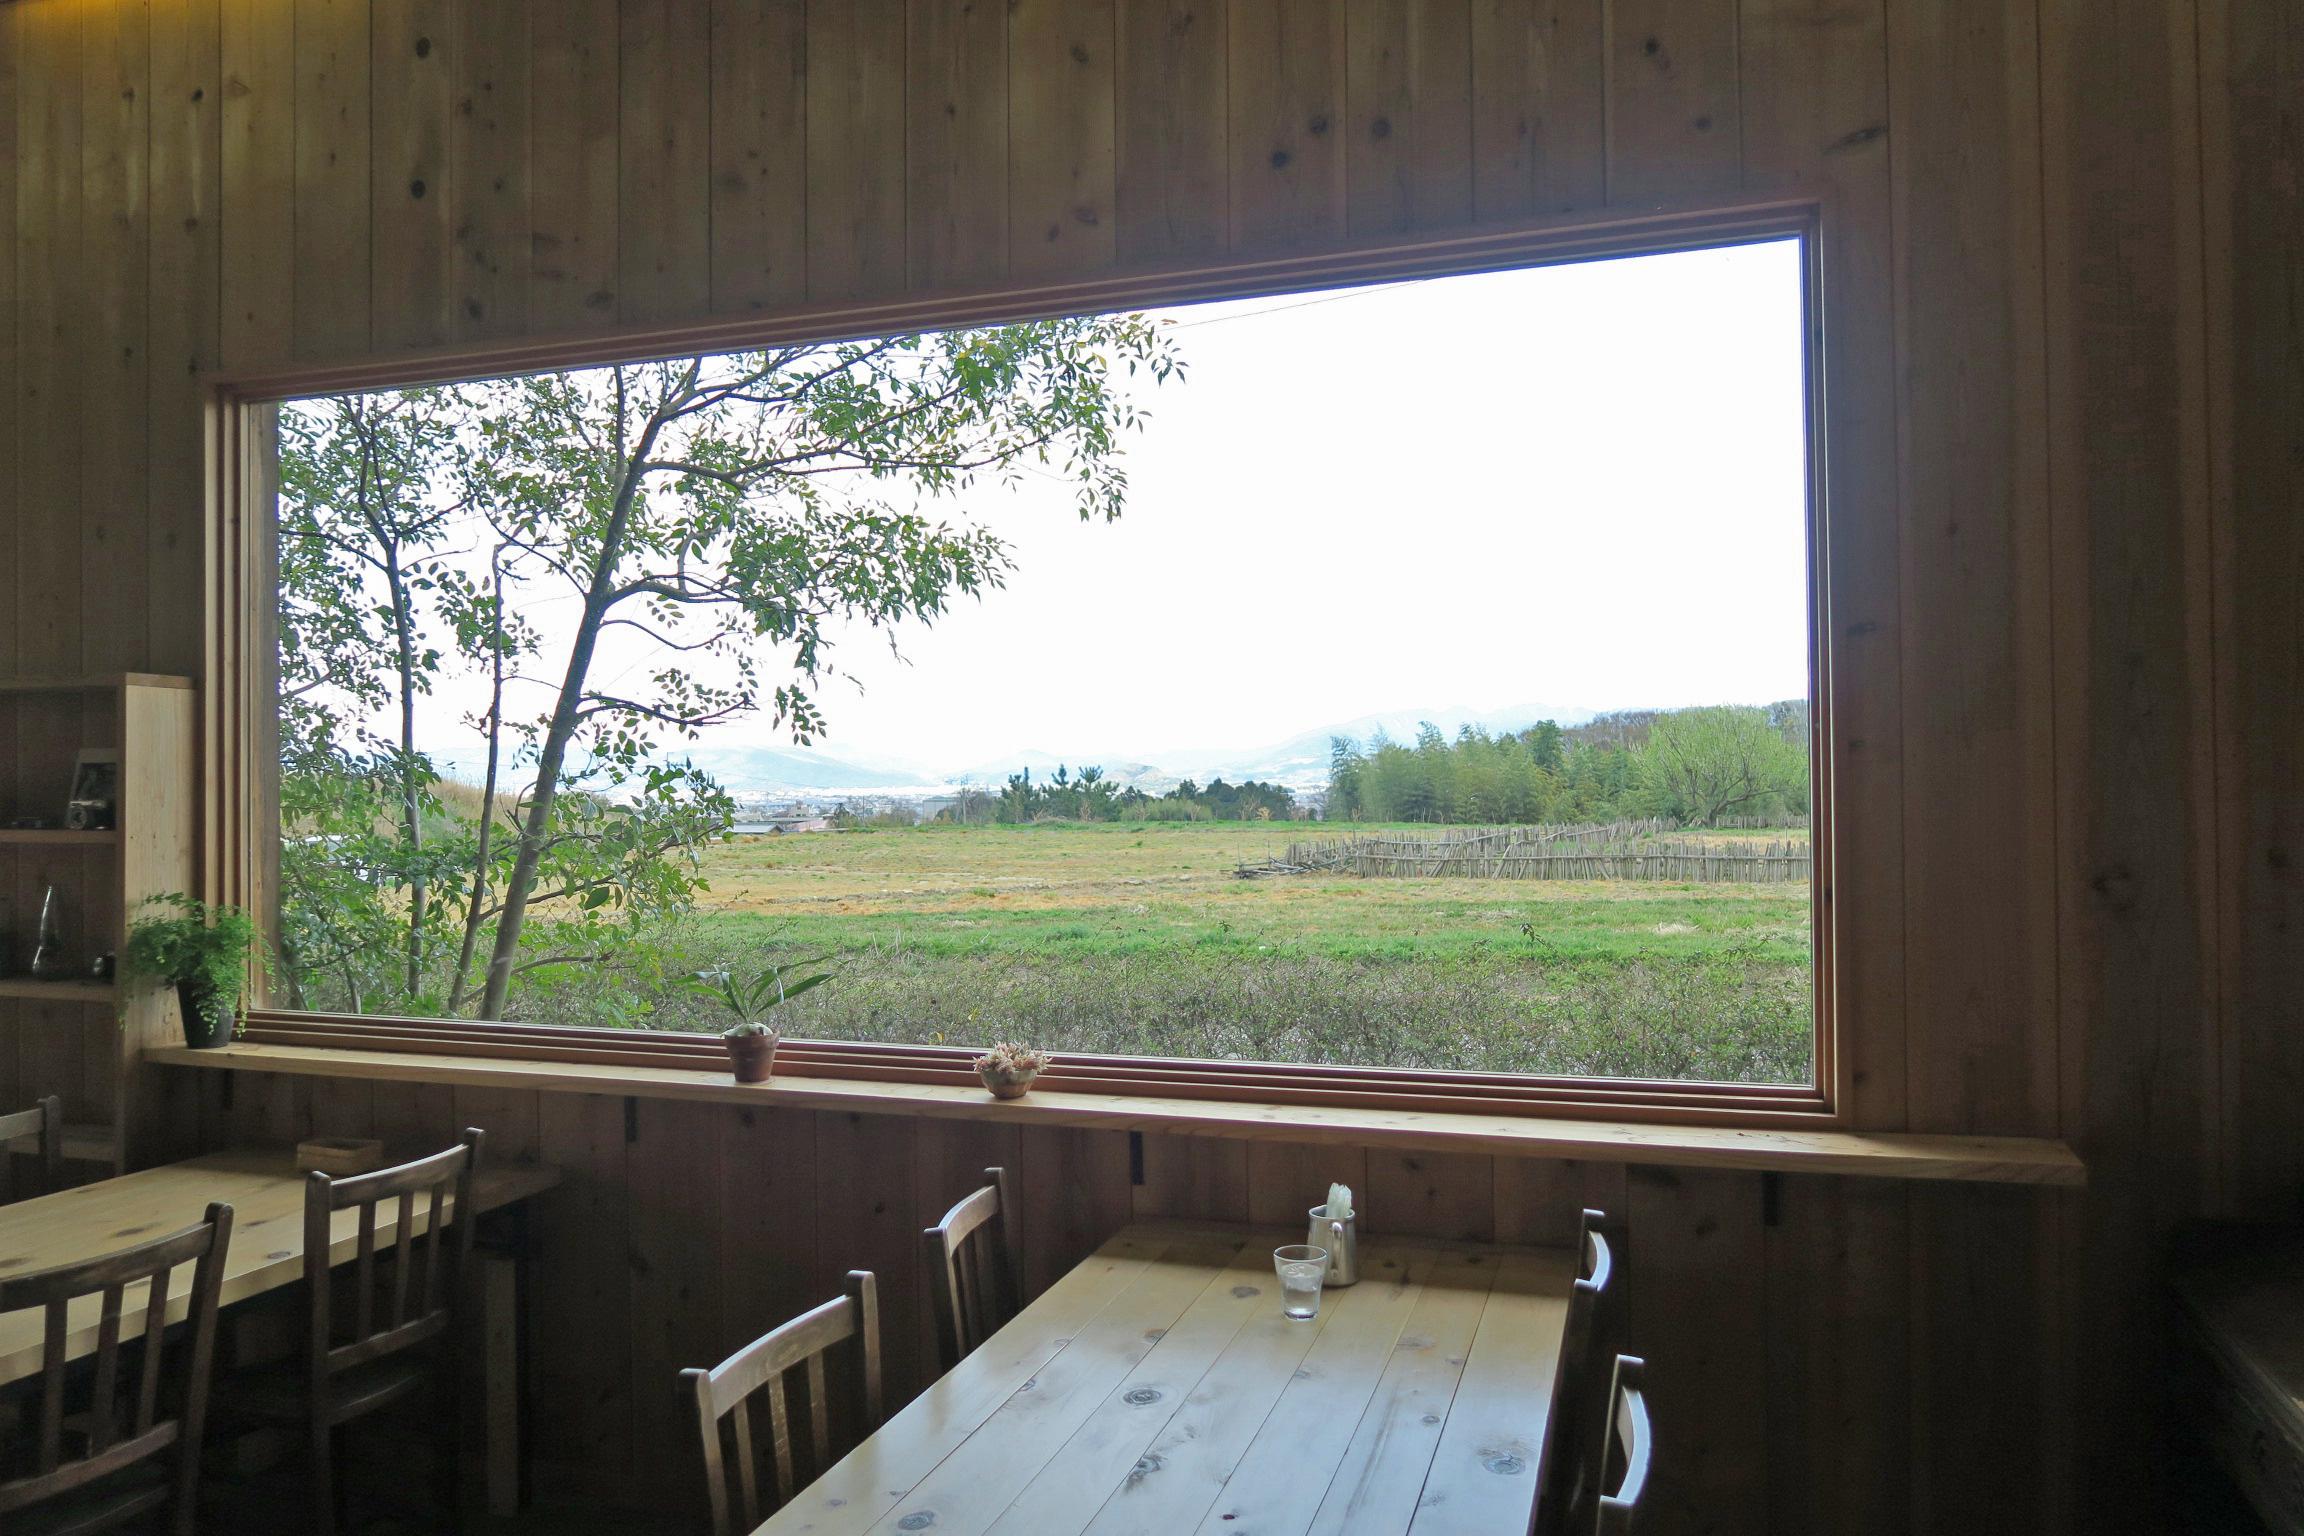 大きな窓が印象的でした。絵画のような風景で、のんびりできます。